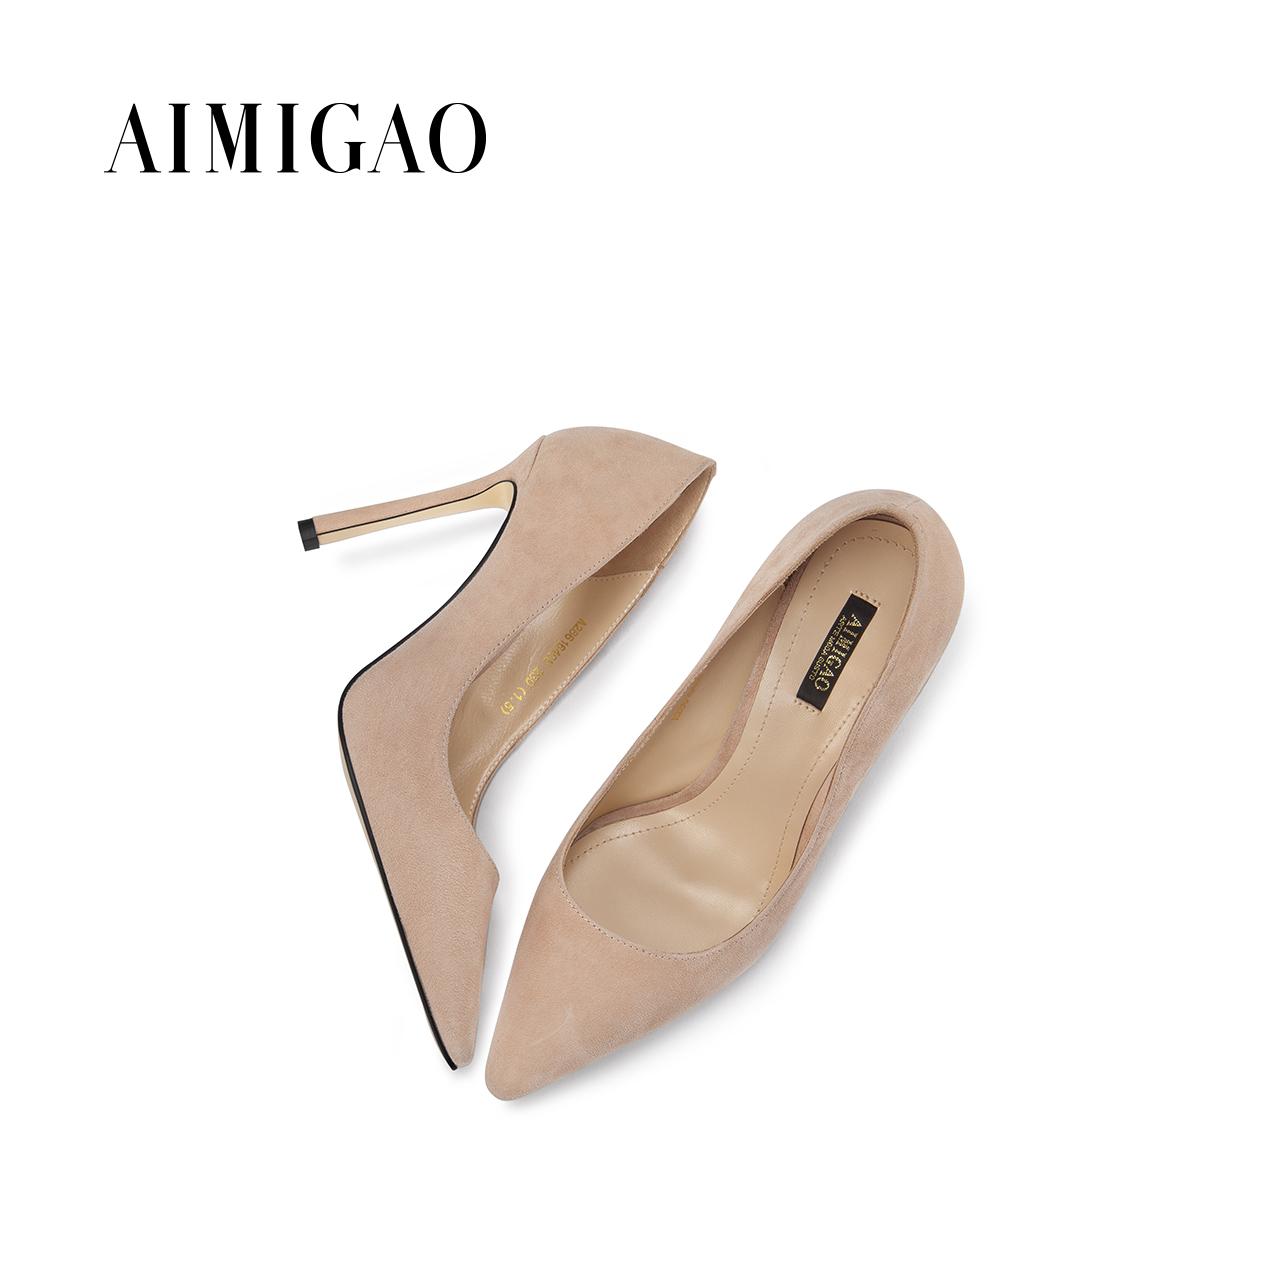 AIMIGAO爱米高2018春夏反绒尖头浅口细高跟单鞋套脚时装鞋女